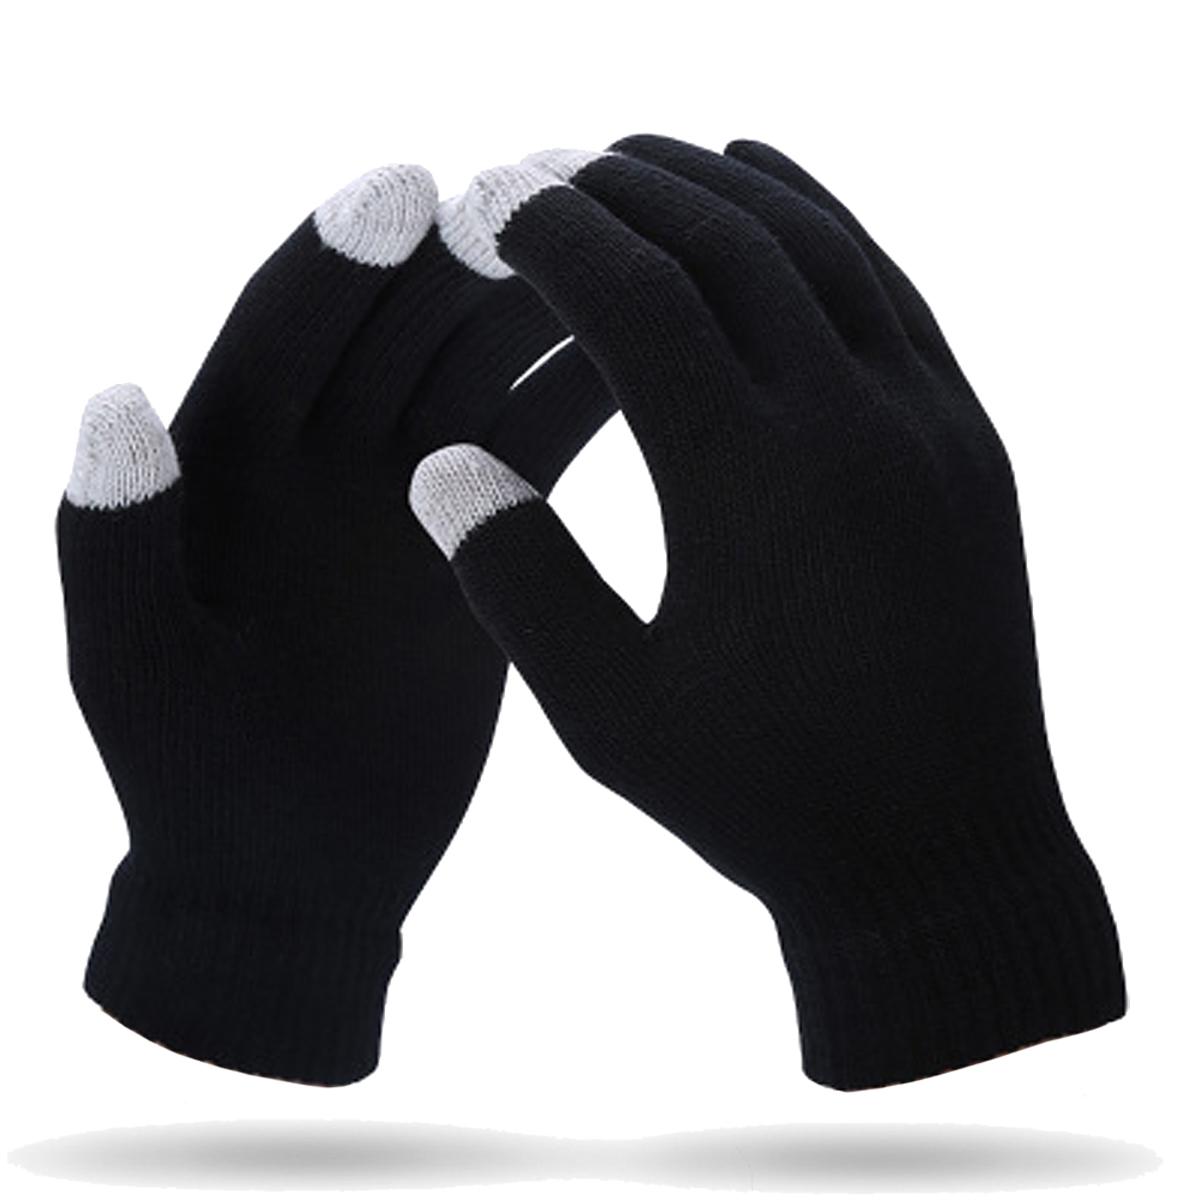 Soft Winter Men Women Touch Screen Gloves Texting